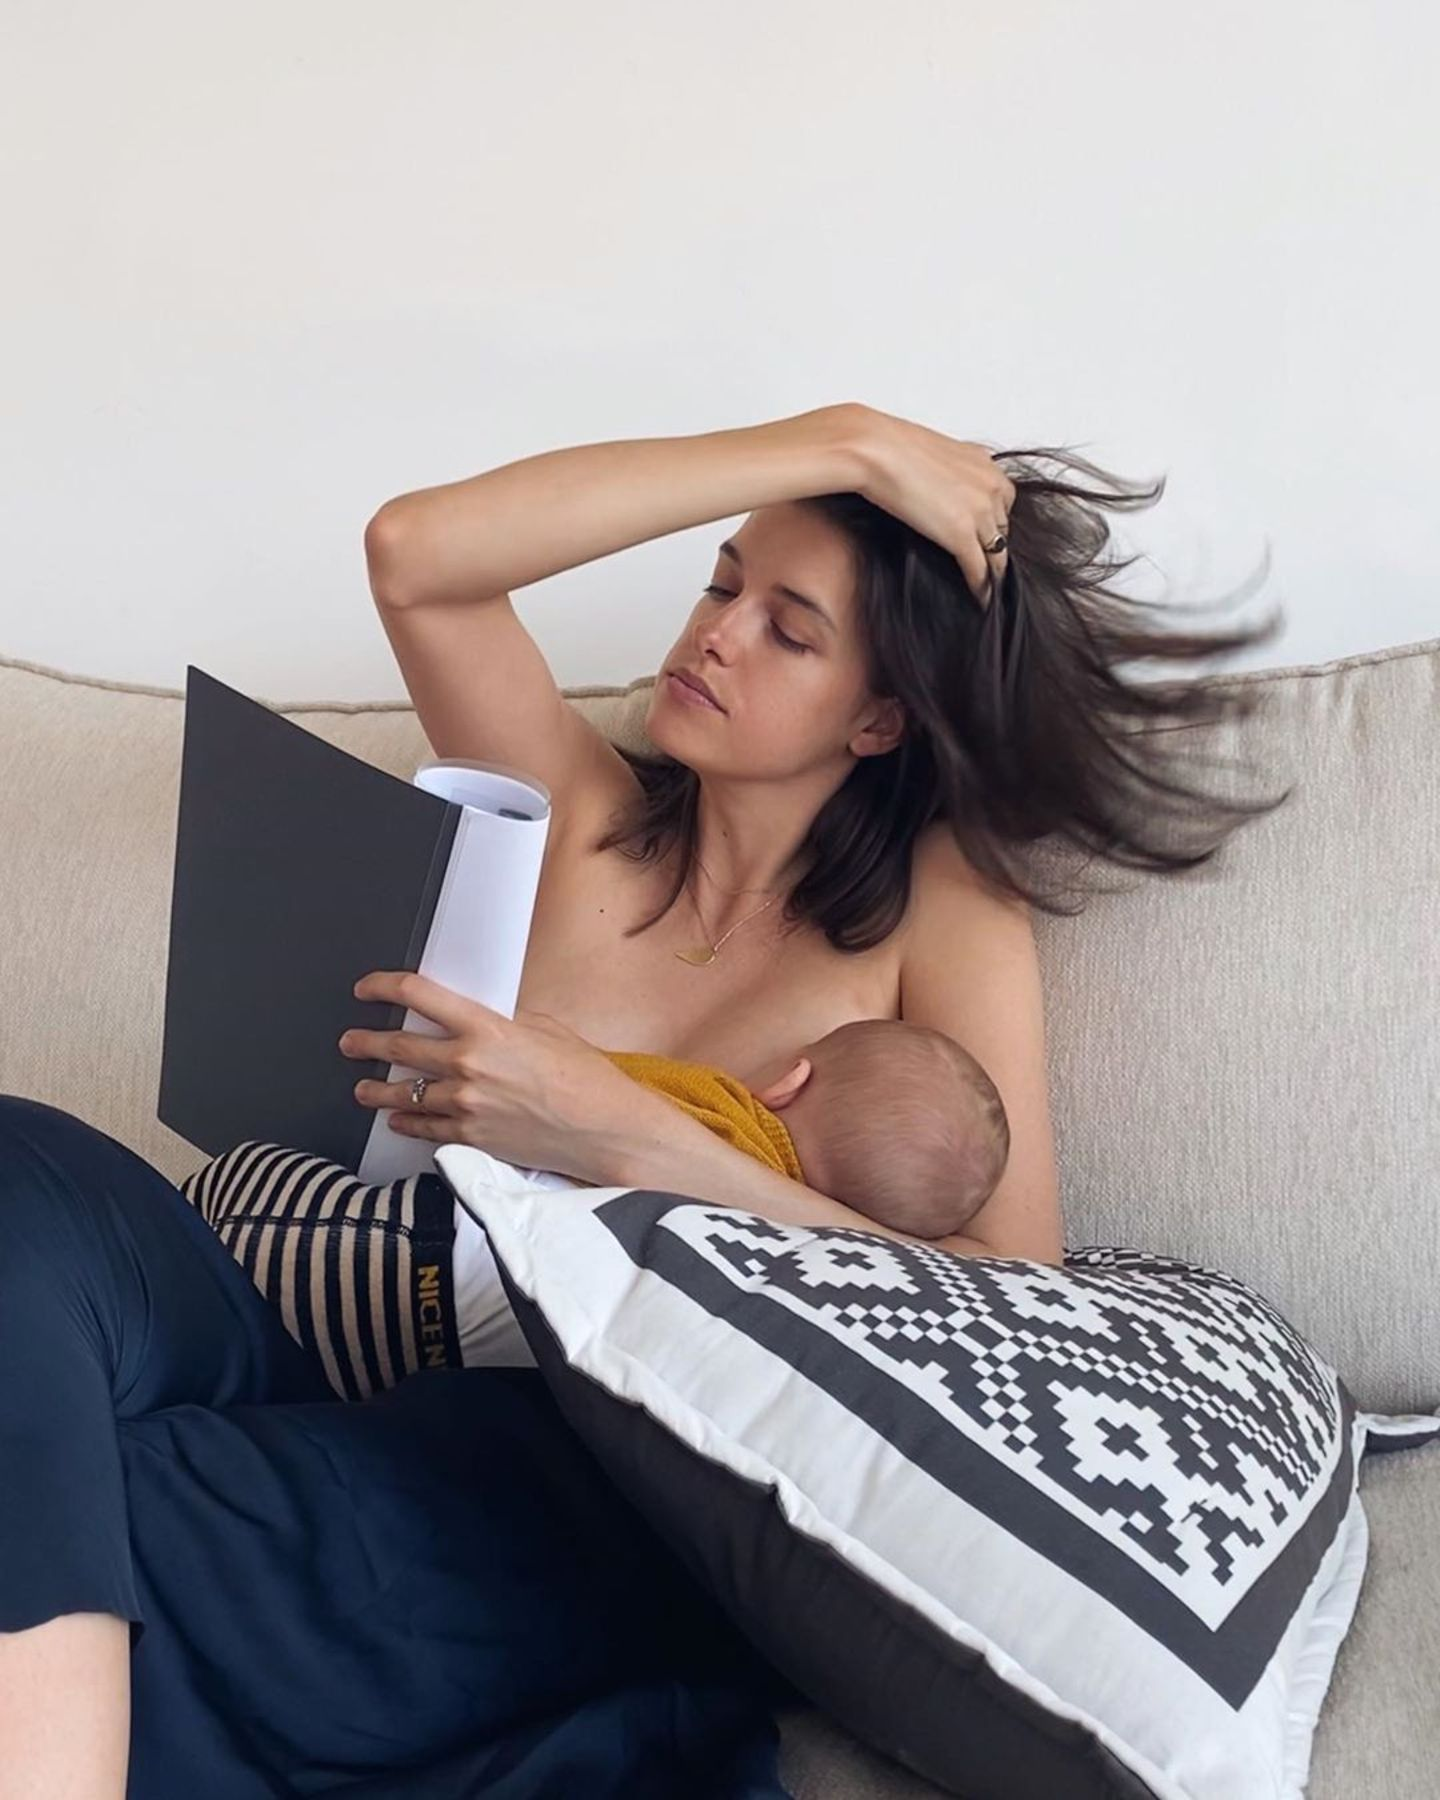 """Neu-Mama Marie Nasemann scheint neben ihrer Muterrolle auch alles andere fest im Griff zu haben. Mit diesem herrlichen Instagram-Schnappschussbeweistsie: """"Ichbin einfach ein Multi-Tasking-Wunder. Stillen, Text lernen, Haare richten."""""""